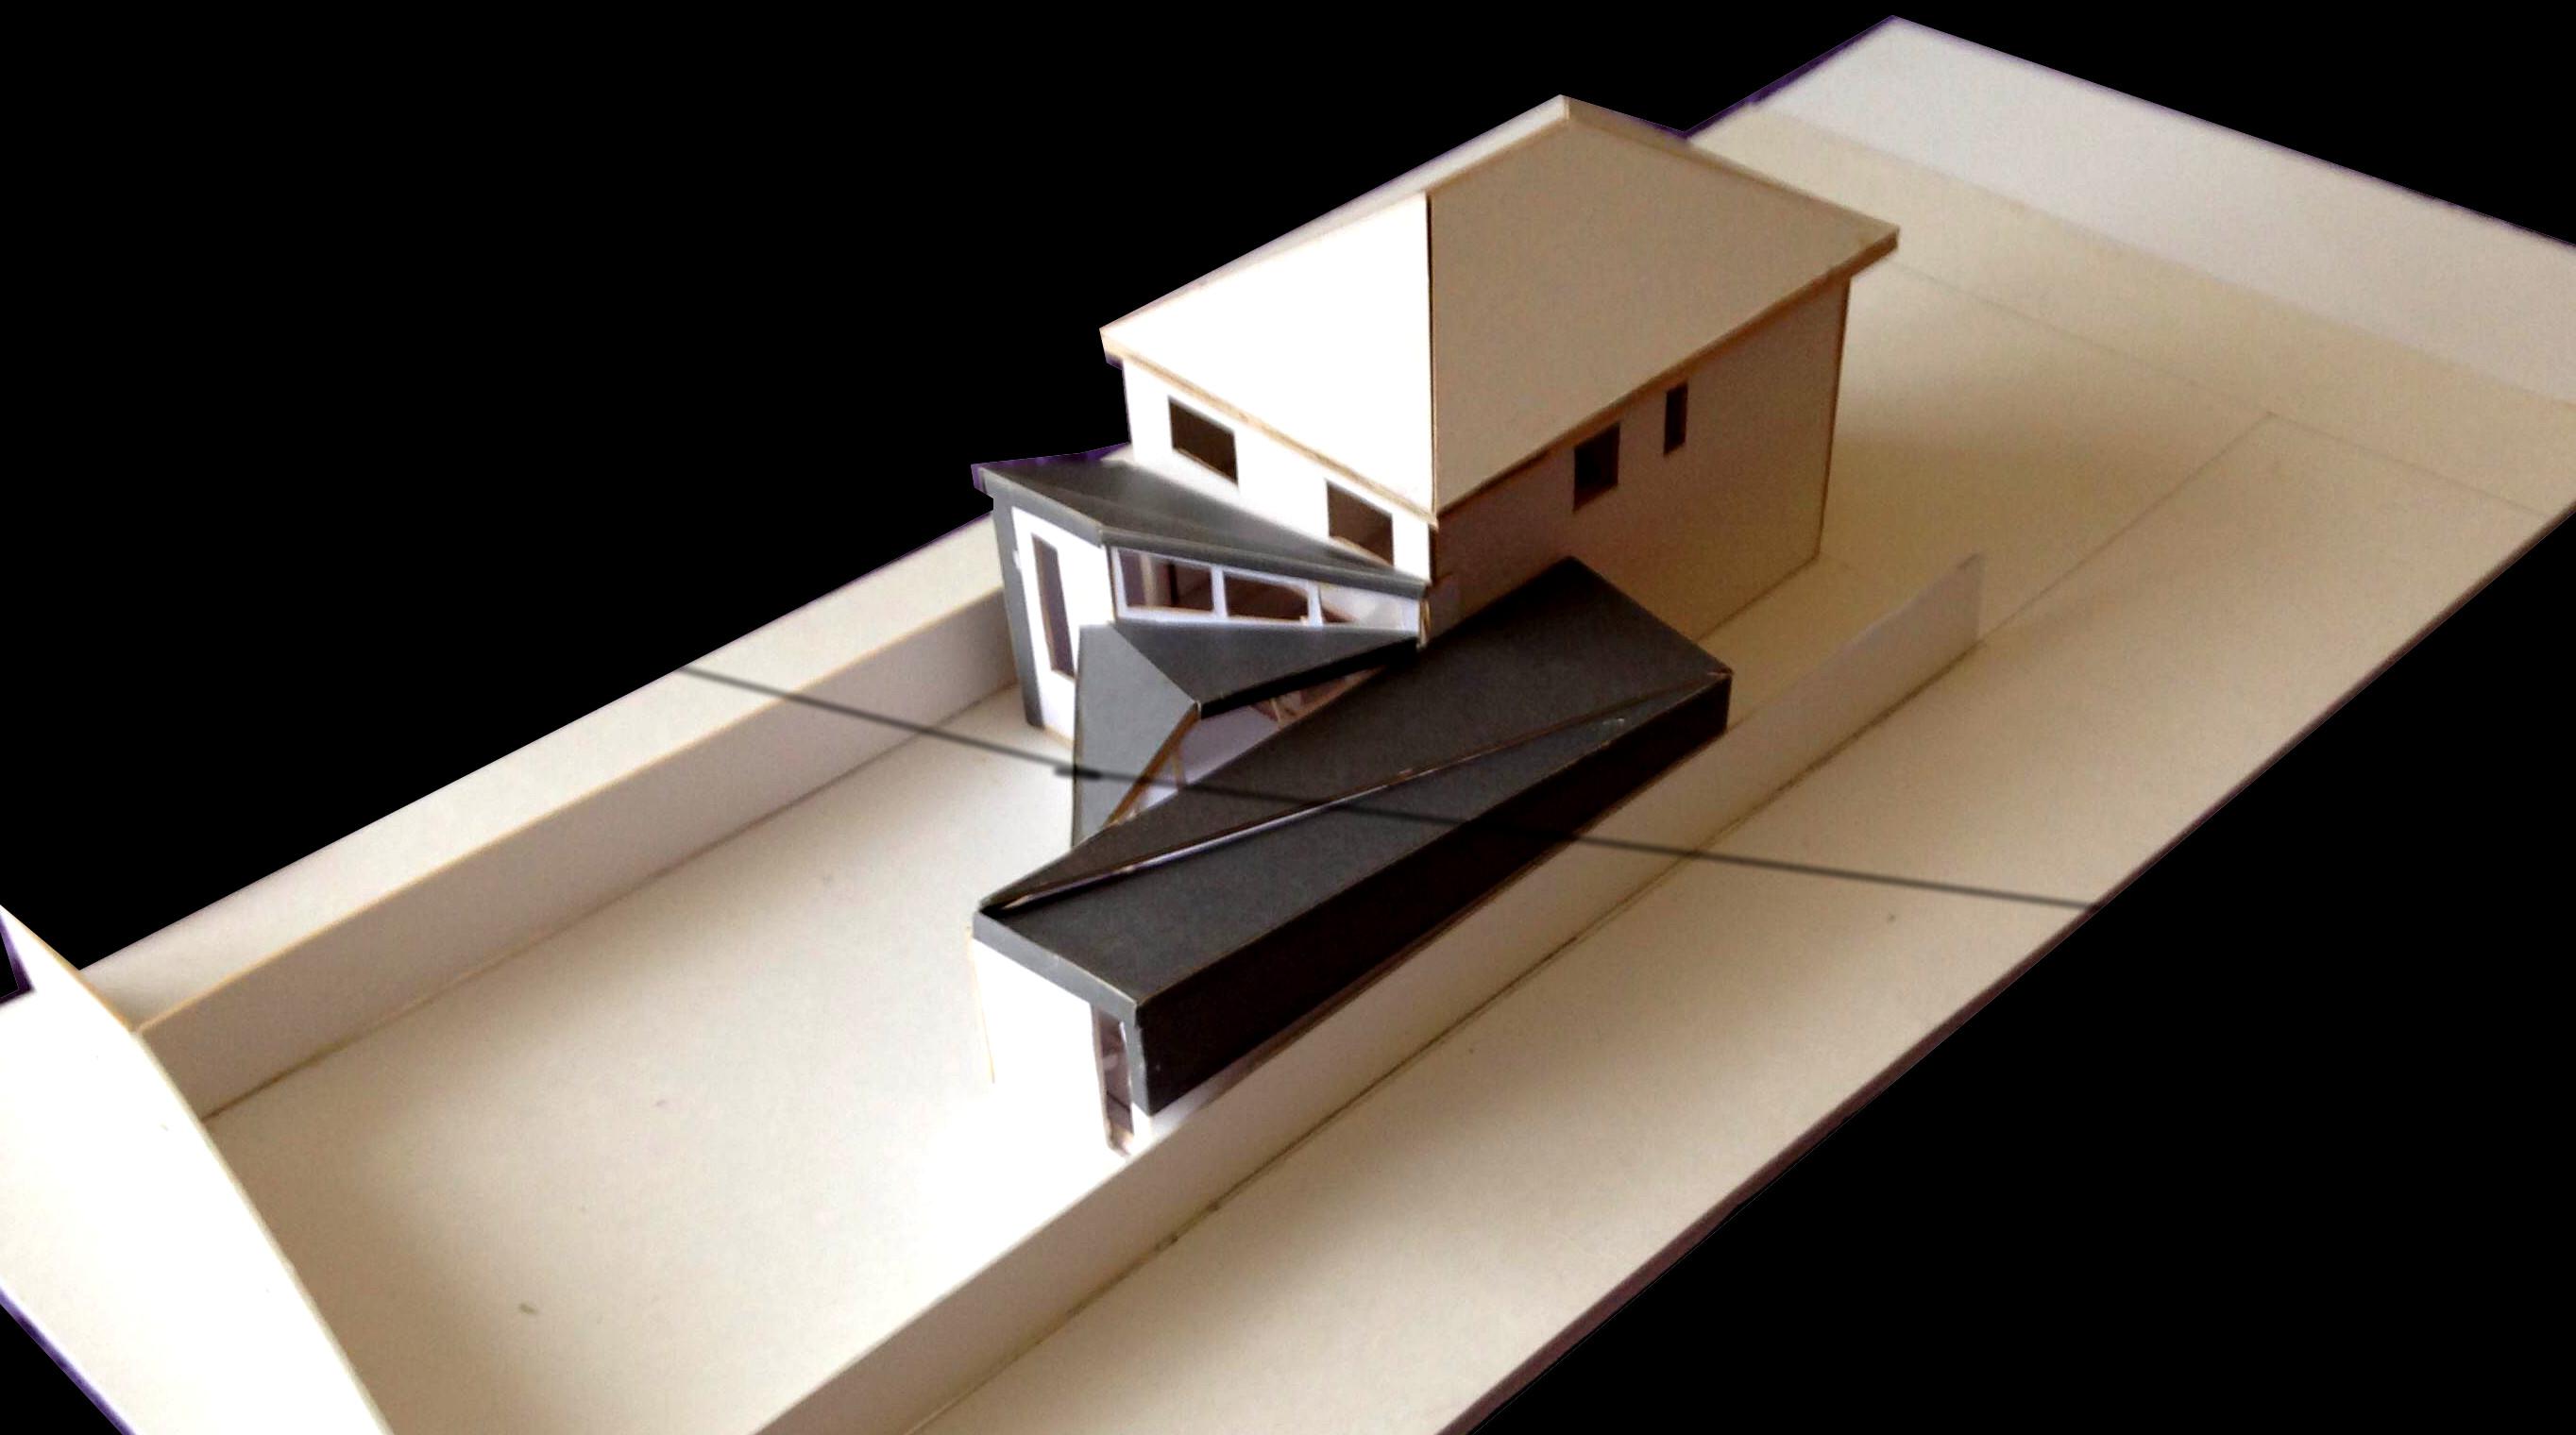 Model Side 1